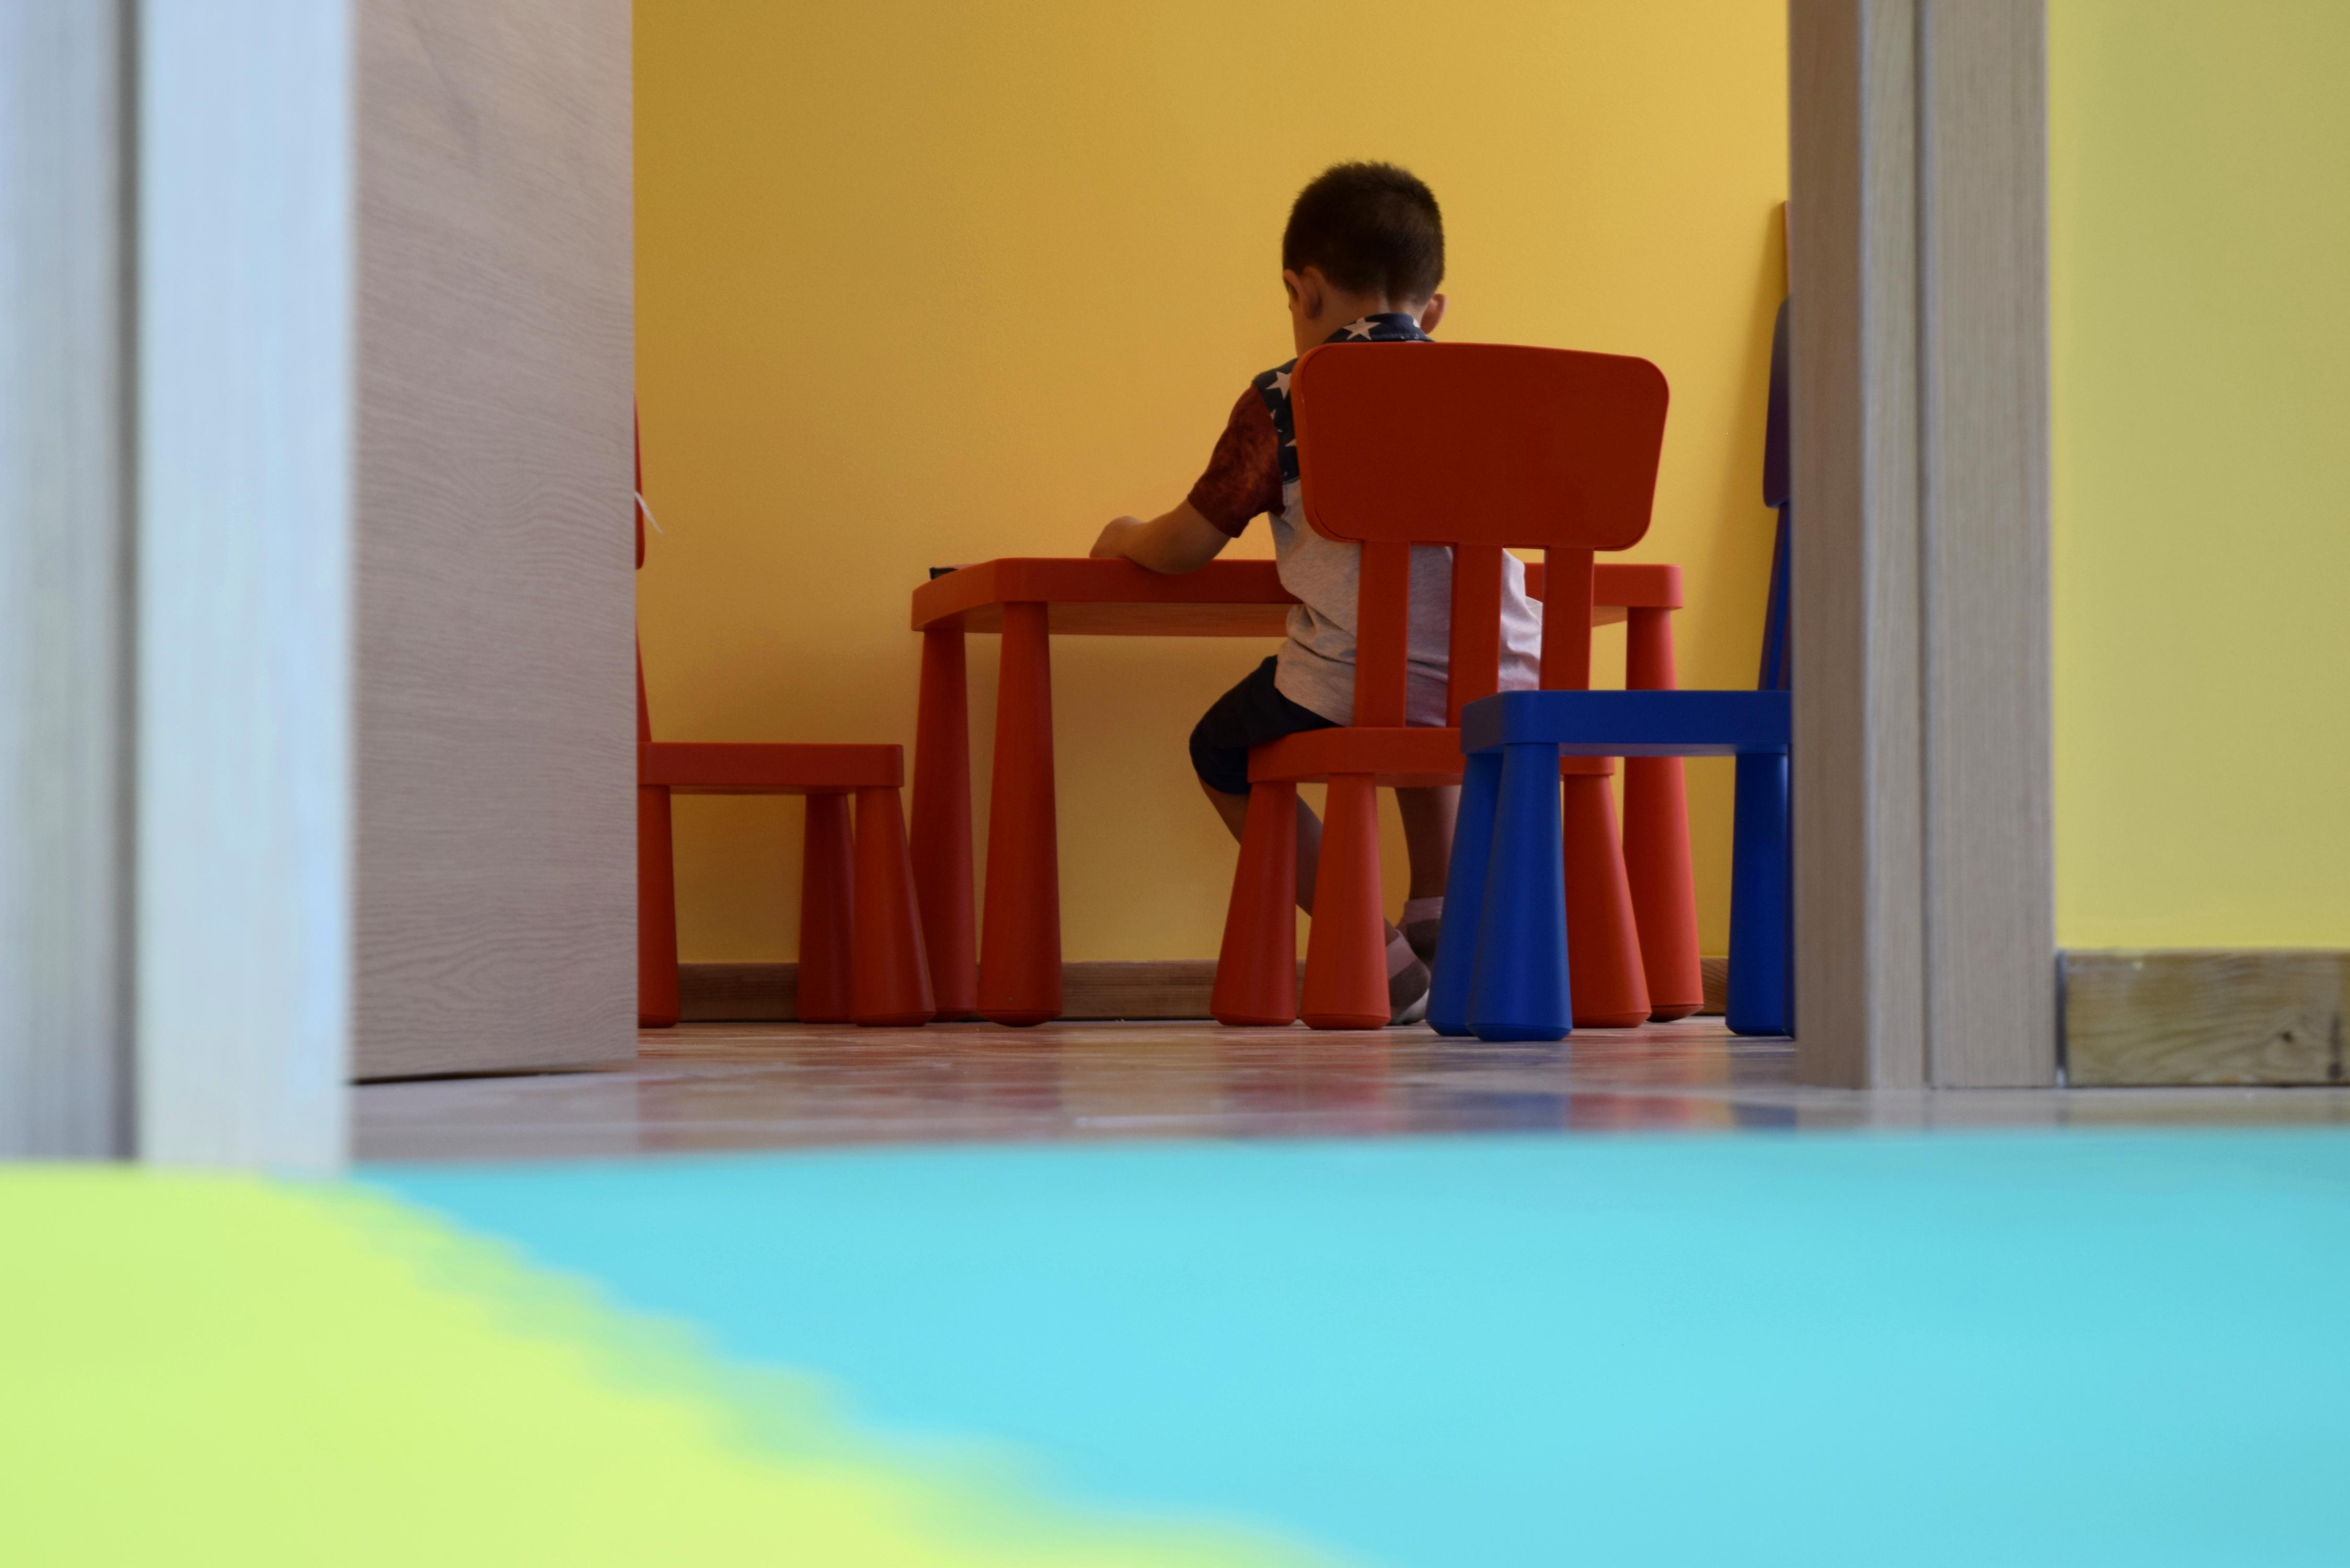 Φωτογραφία από το Κέντρο ΛΟΓΩ-ΕΡΓΩ στην Καλλίπολη Πειραιά, Οδηγό υπηρεσιών ΠΡΟΝΟΗΣΕ.